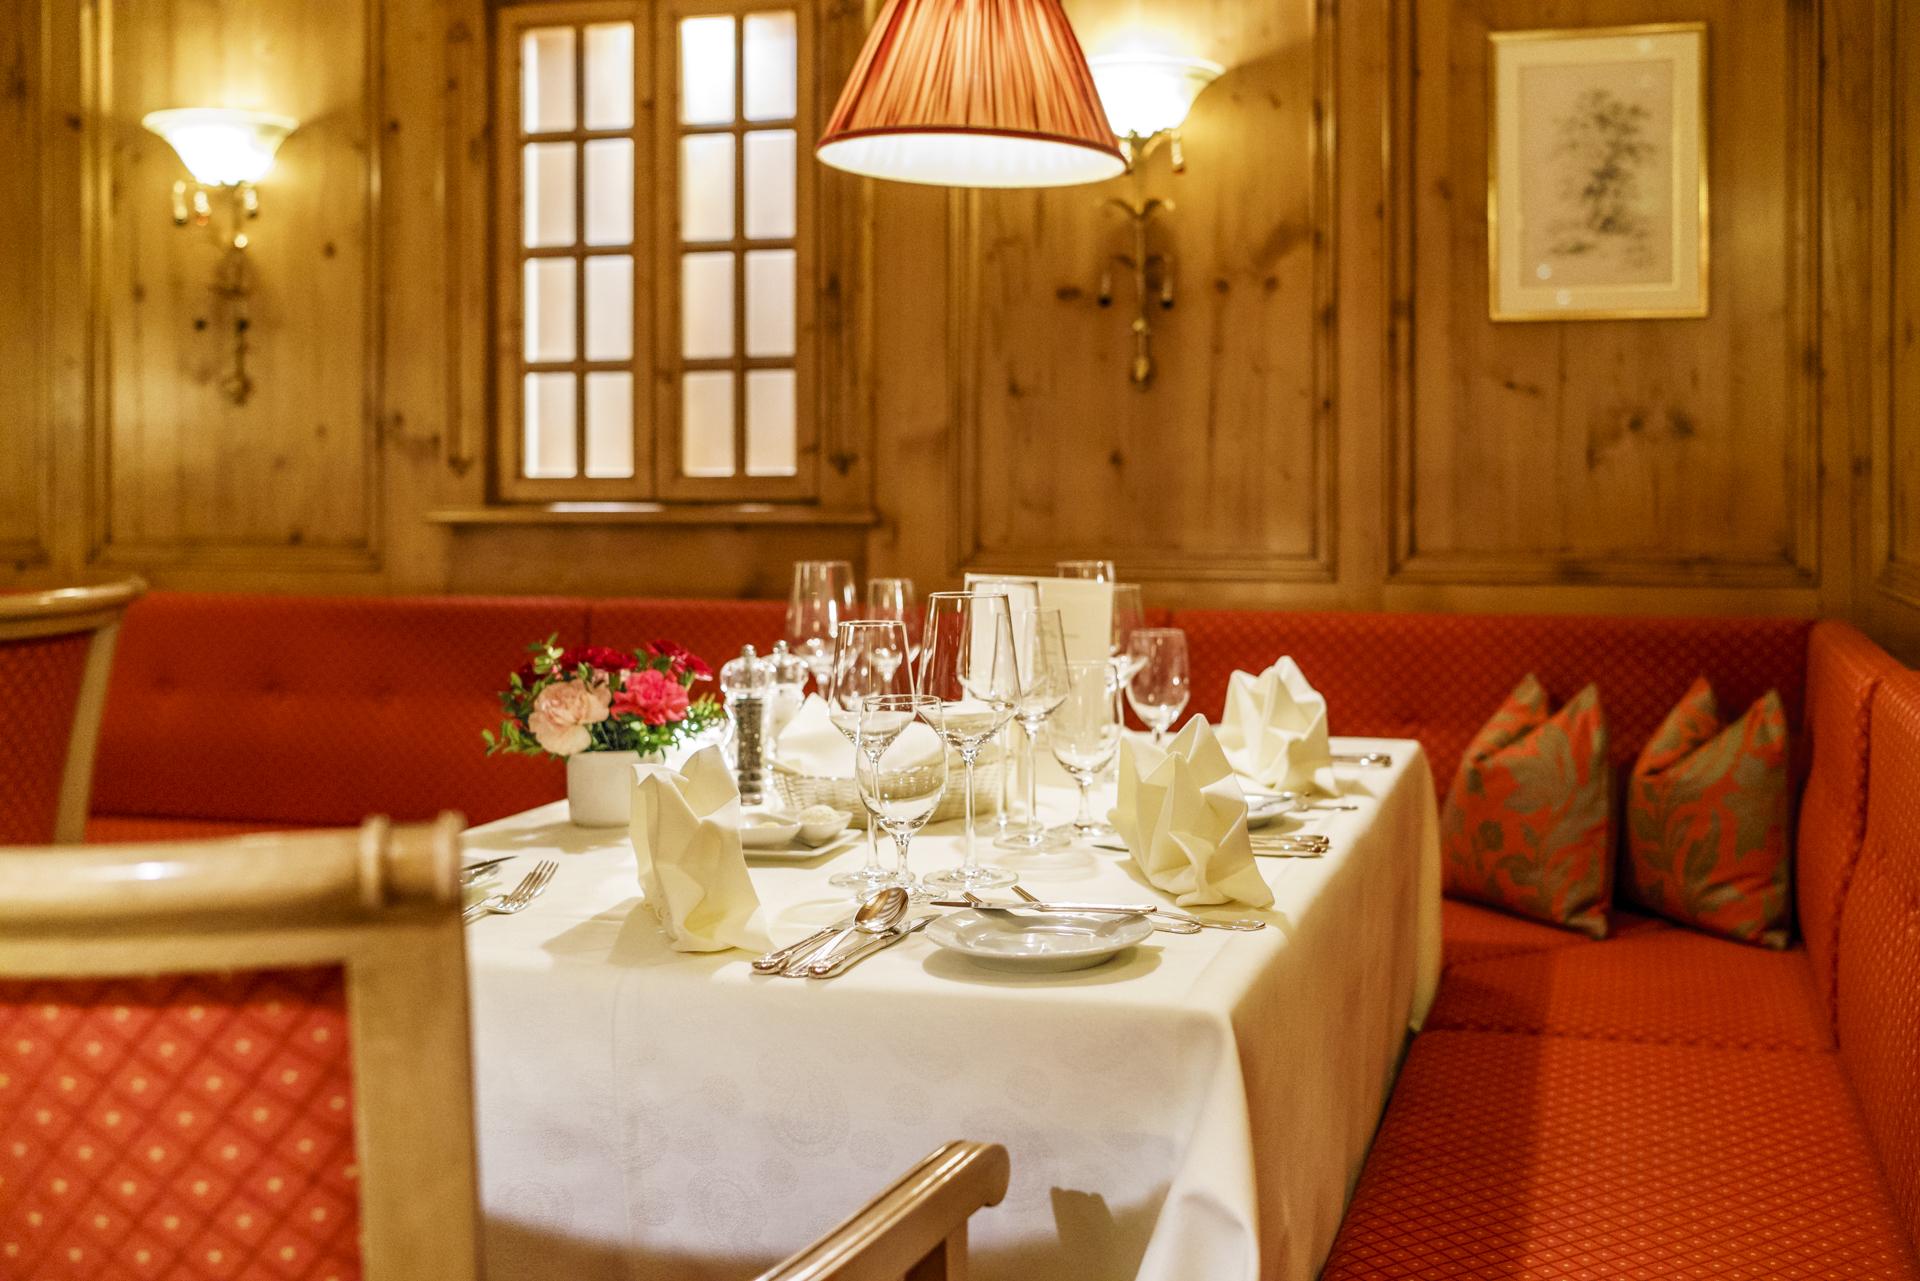 Zürserhof Restaurant Gala Dinner